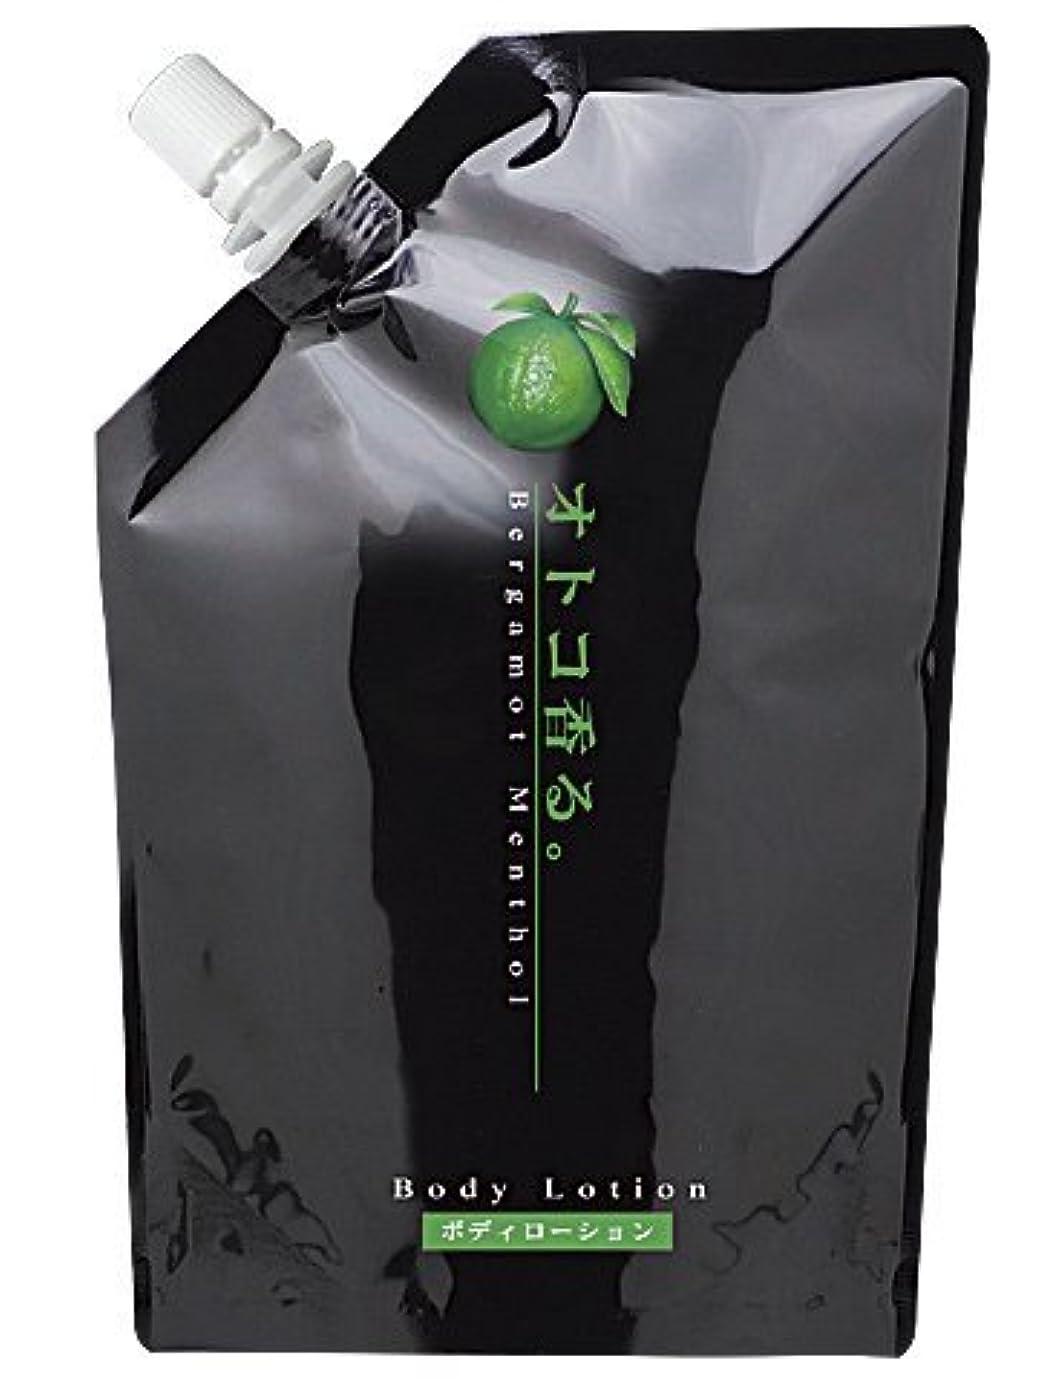 慈善湾食物kracie(クラシエ) オトコ香る ボディローション ベルガモットの香り 微香性 業務用 家庭様向け 500ml 補充サイズ